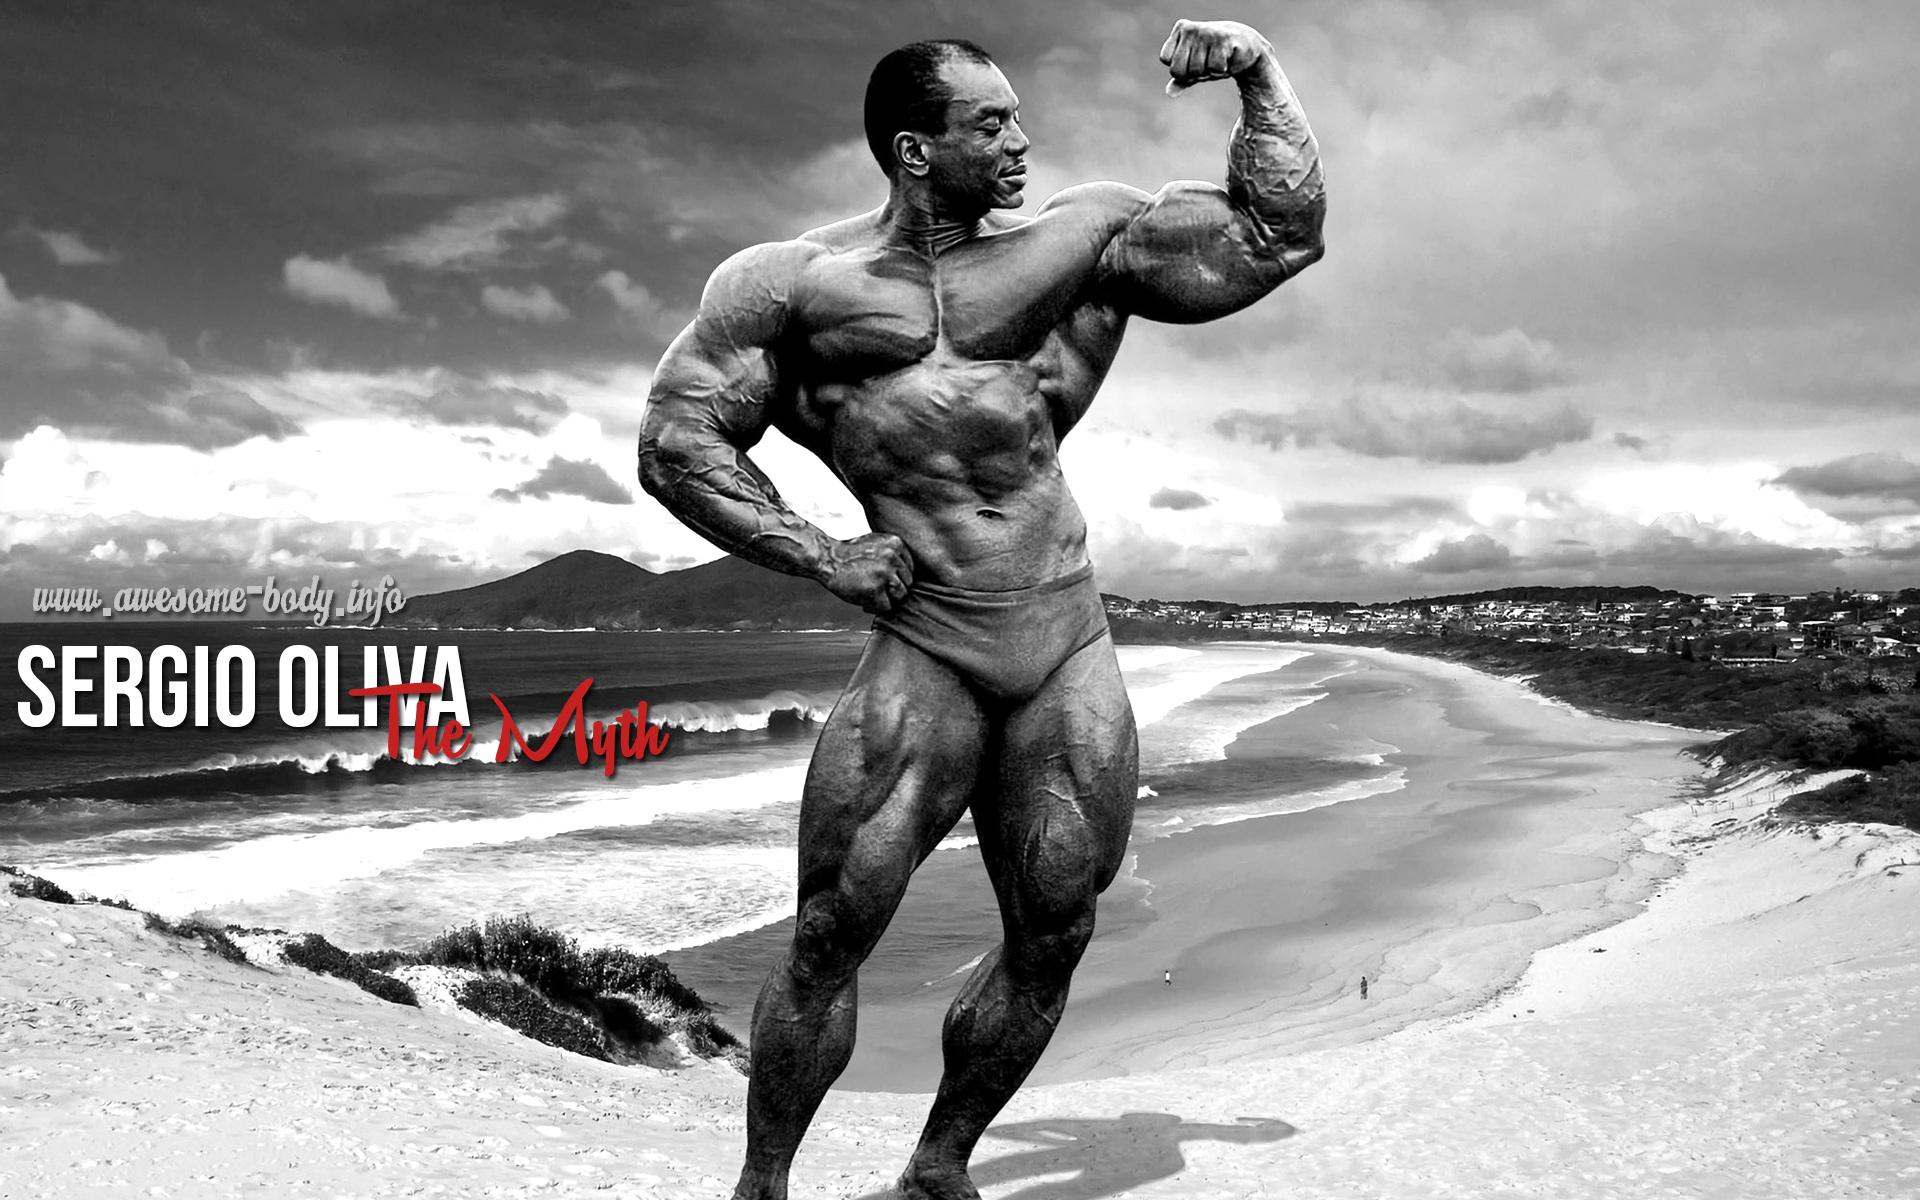 sergio oliva on australian beach Sergio Oliva 1920x1200